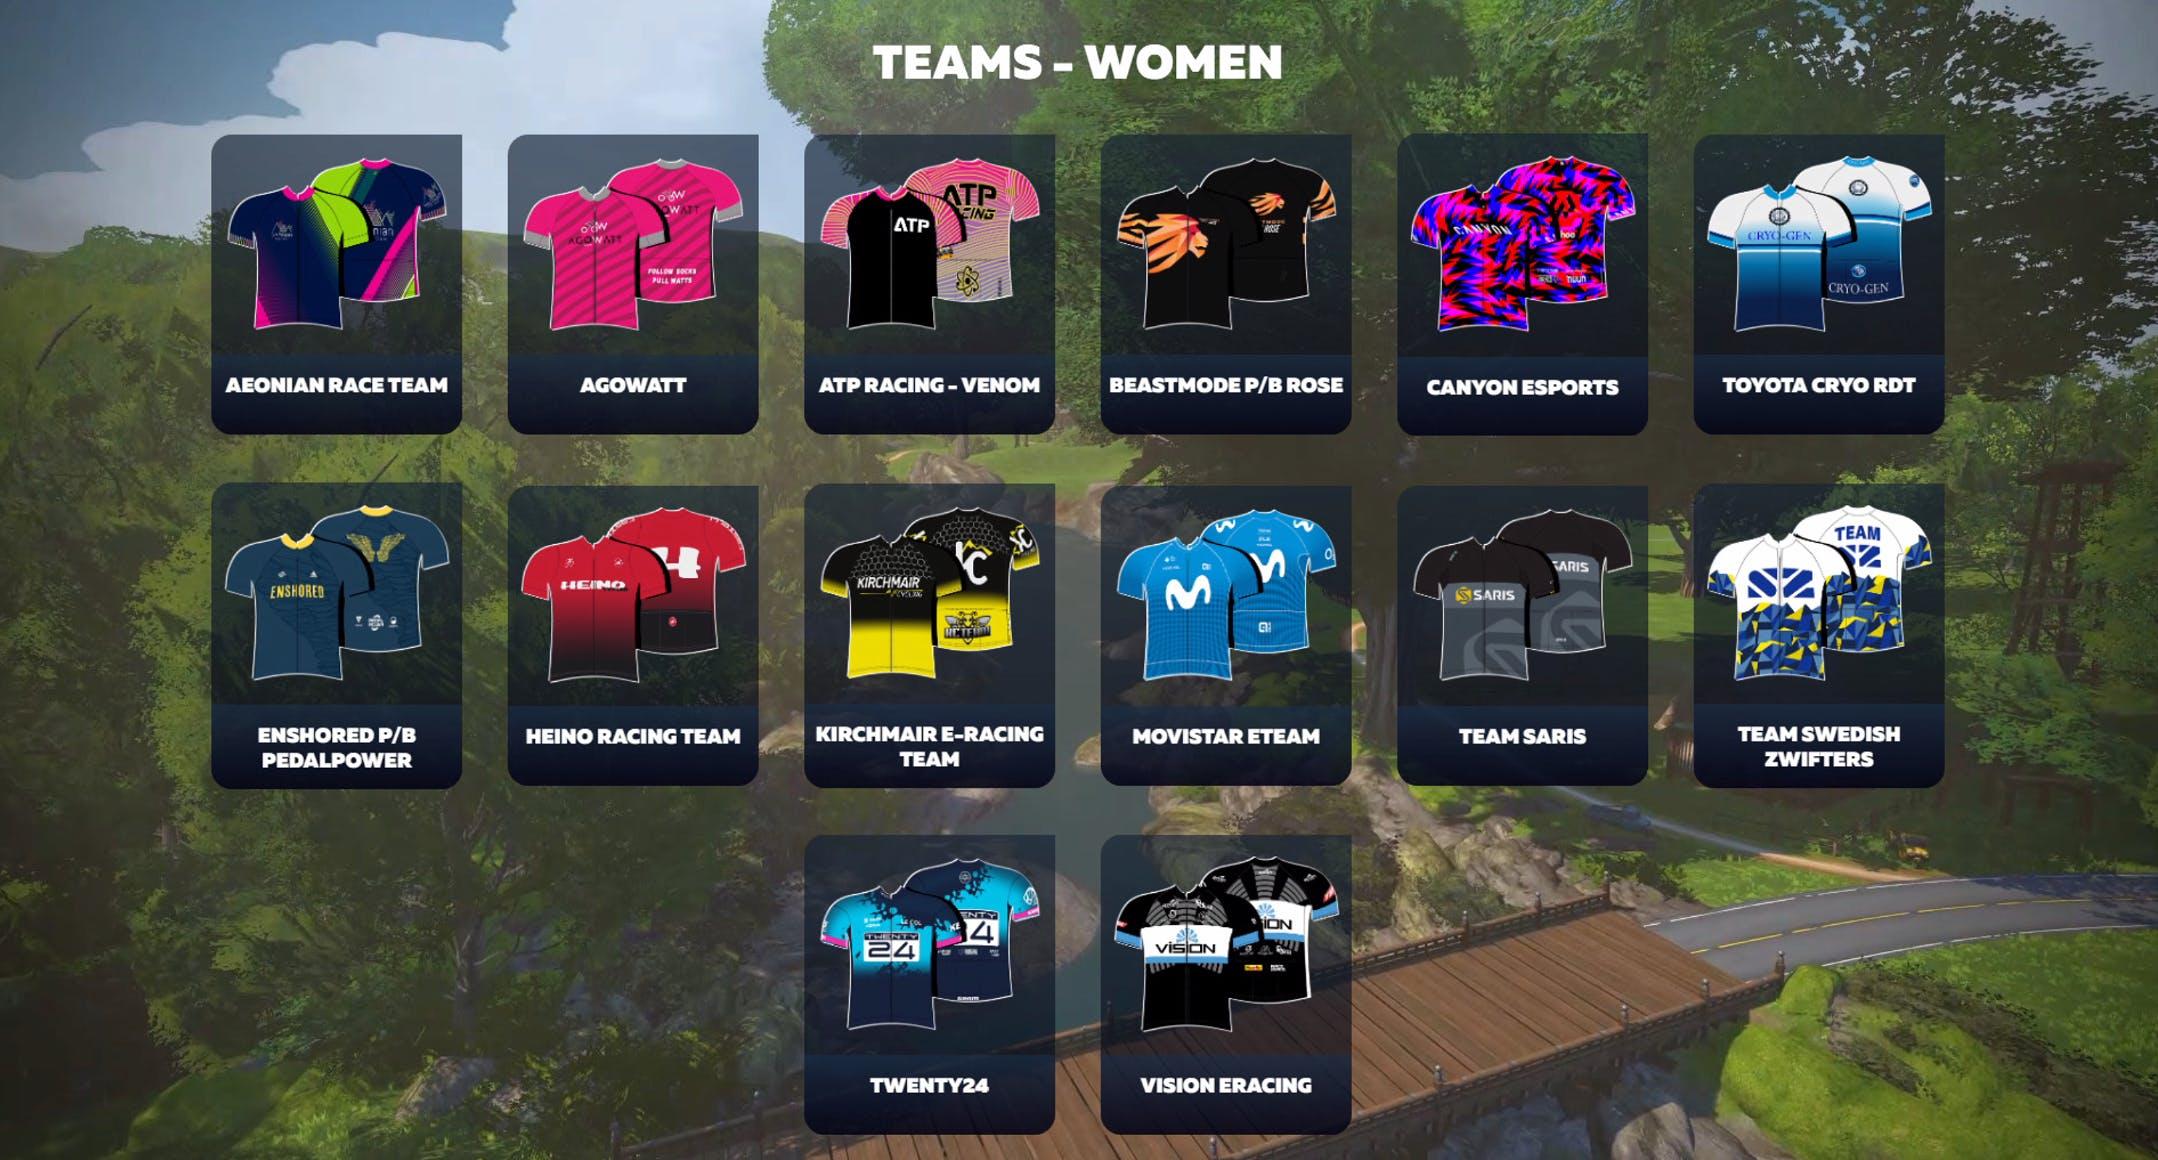 Women's Teams